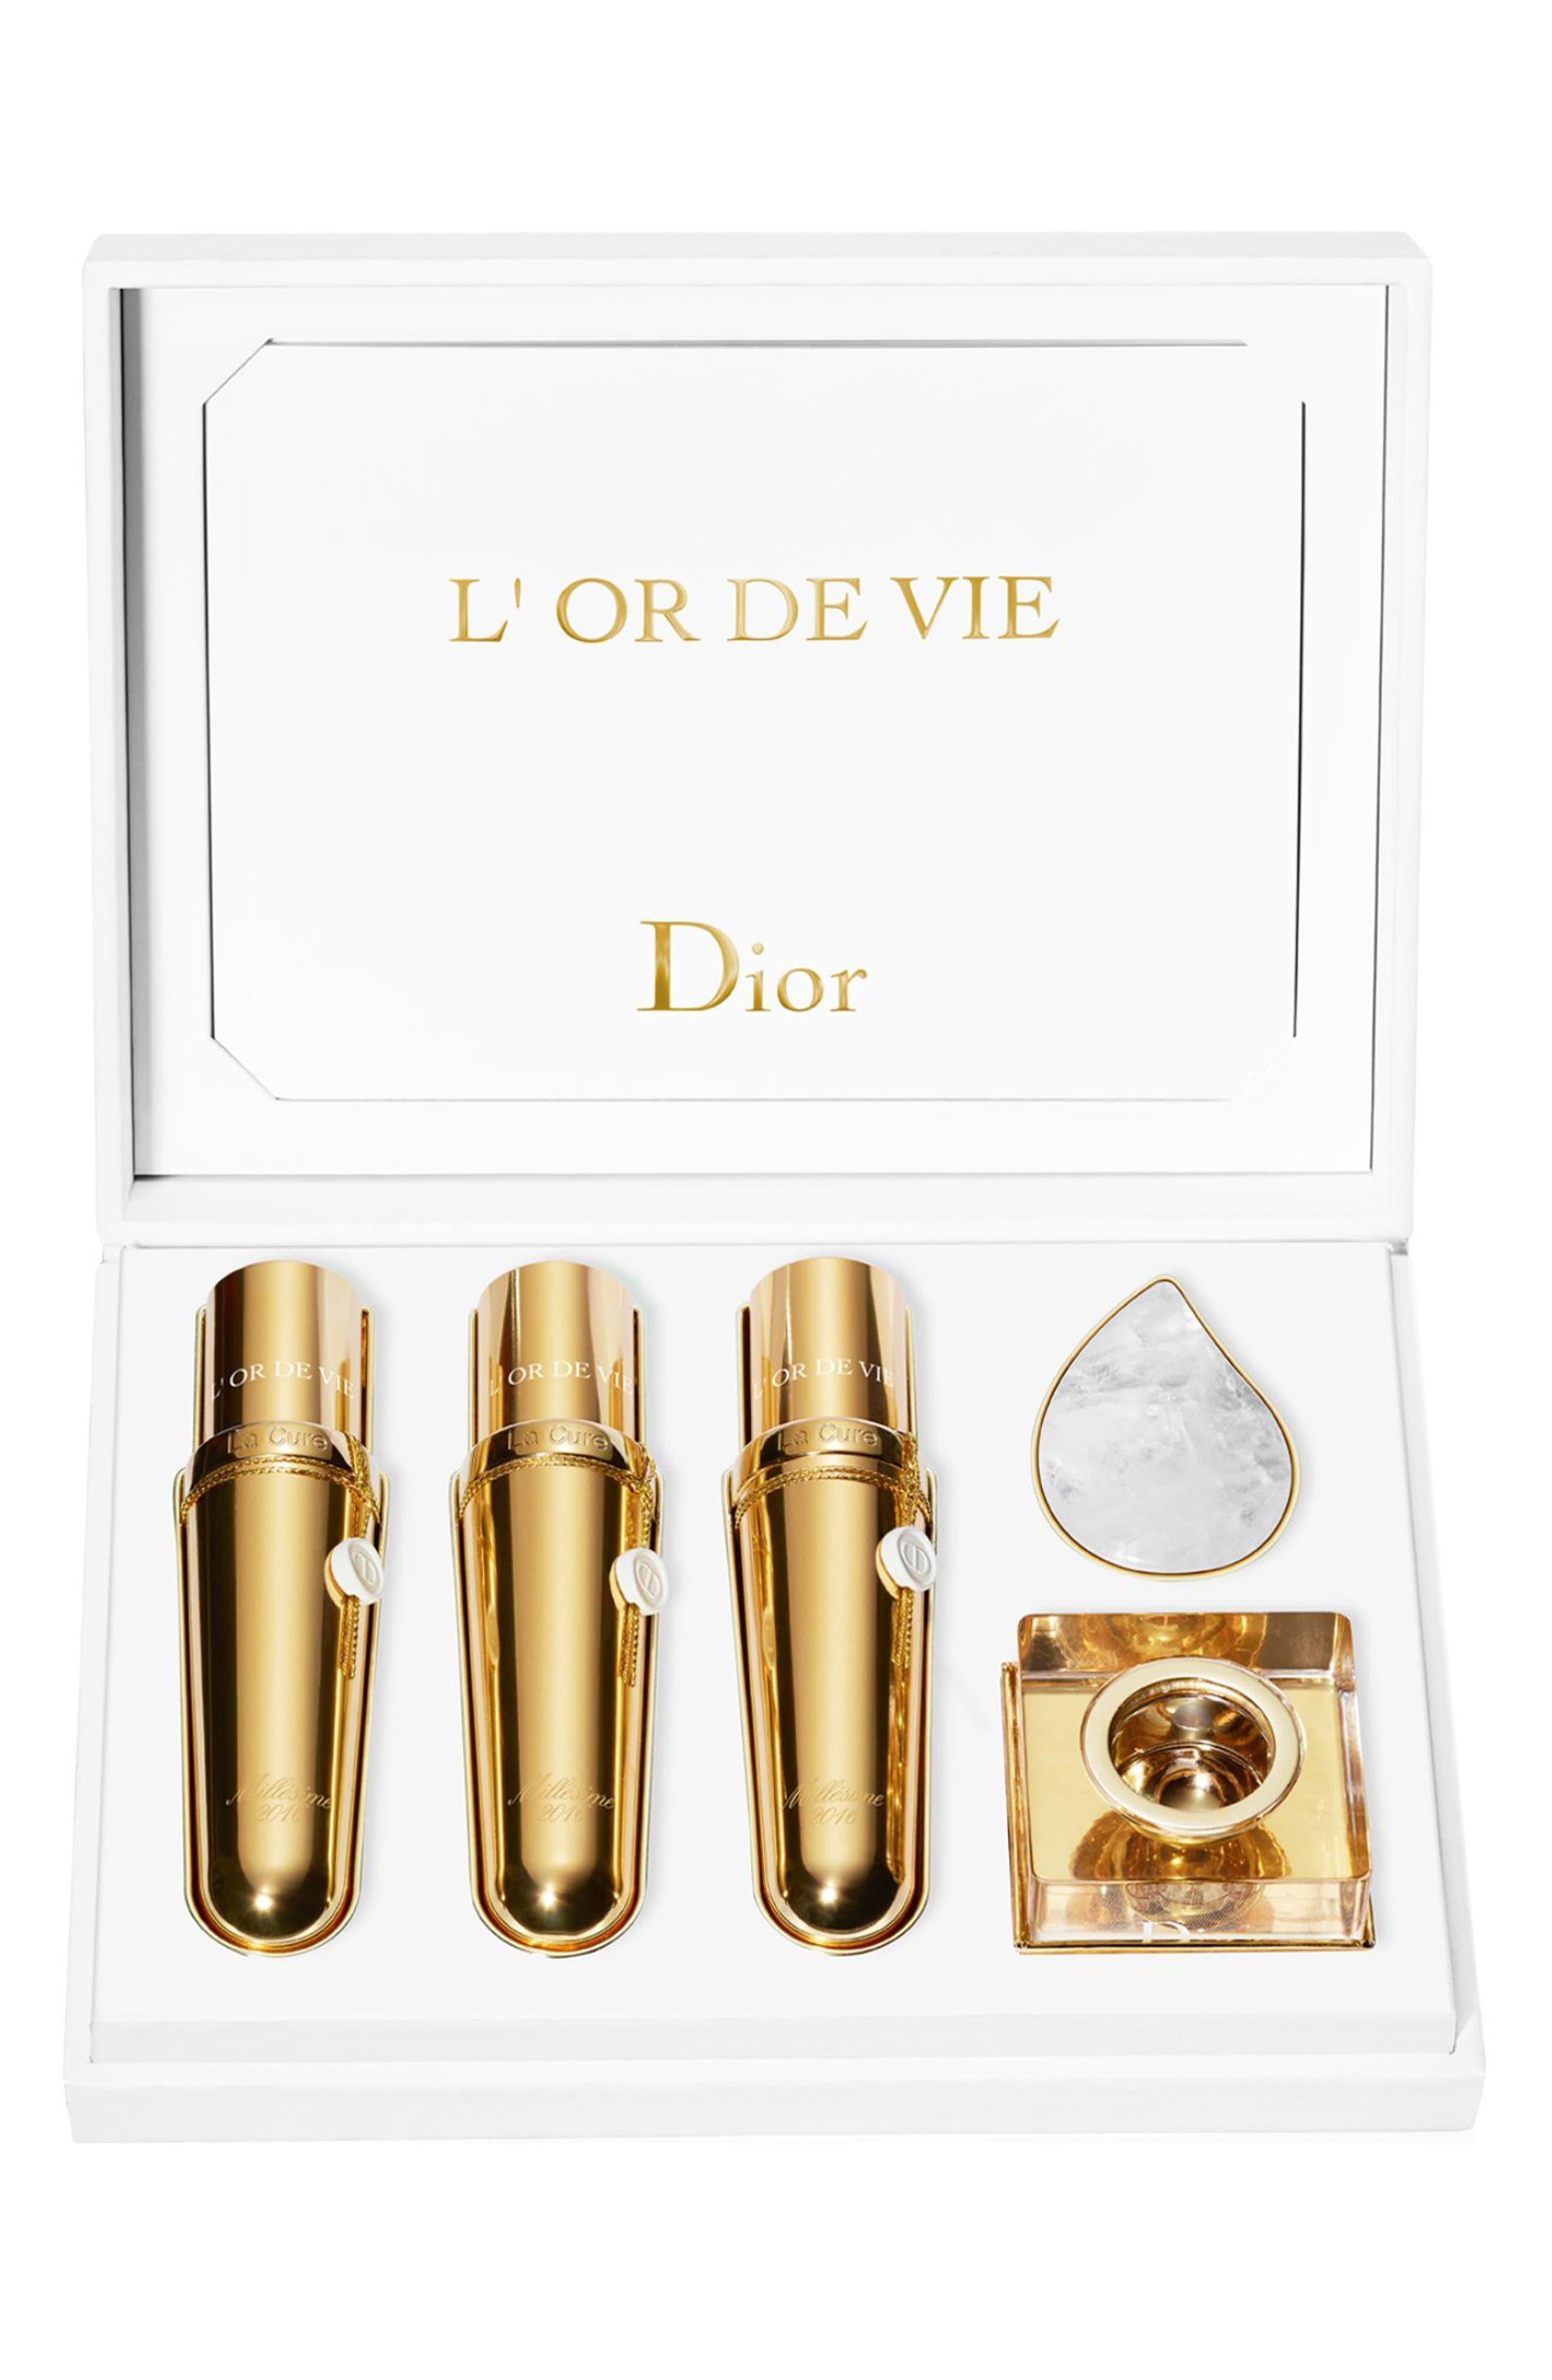 Dior L'Or de Vie La Cure Vintage 2016 Collection